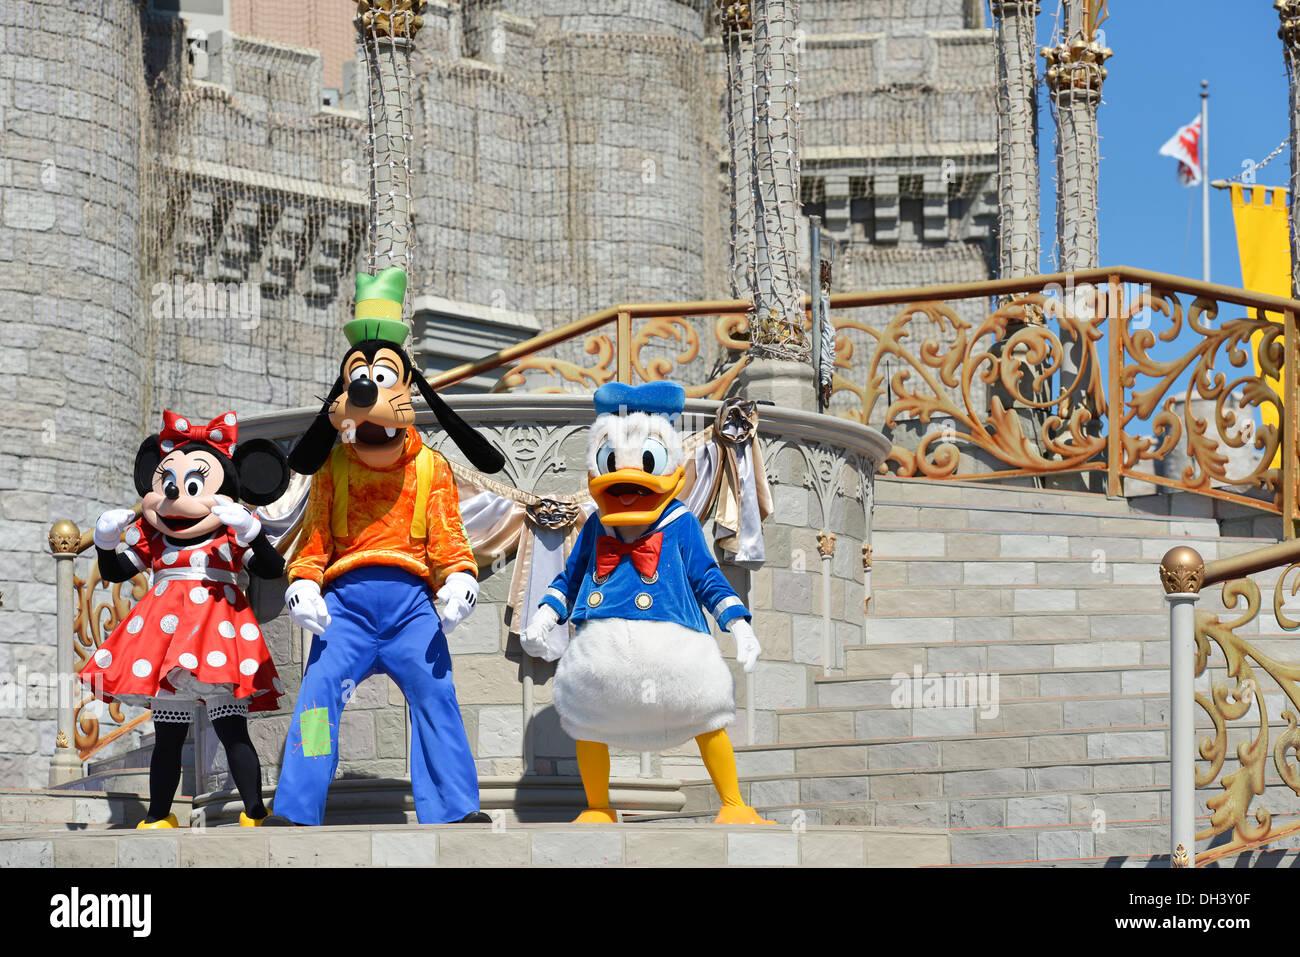 Minnie Mouse Goofy Donald Duck en el escenario, el sueño a lo largo de Show, Cinderella Castle, Magic Kingdom, Disney World, Orlando, Florida Foto de stock